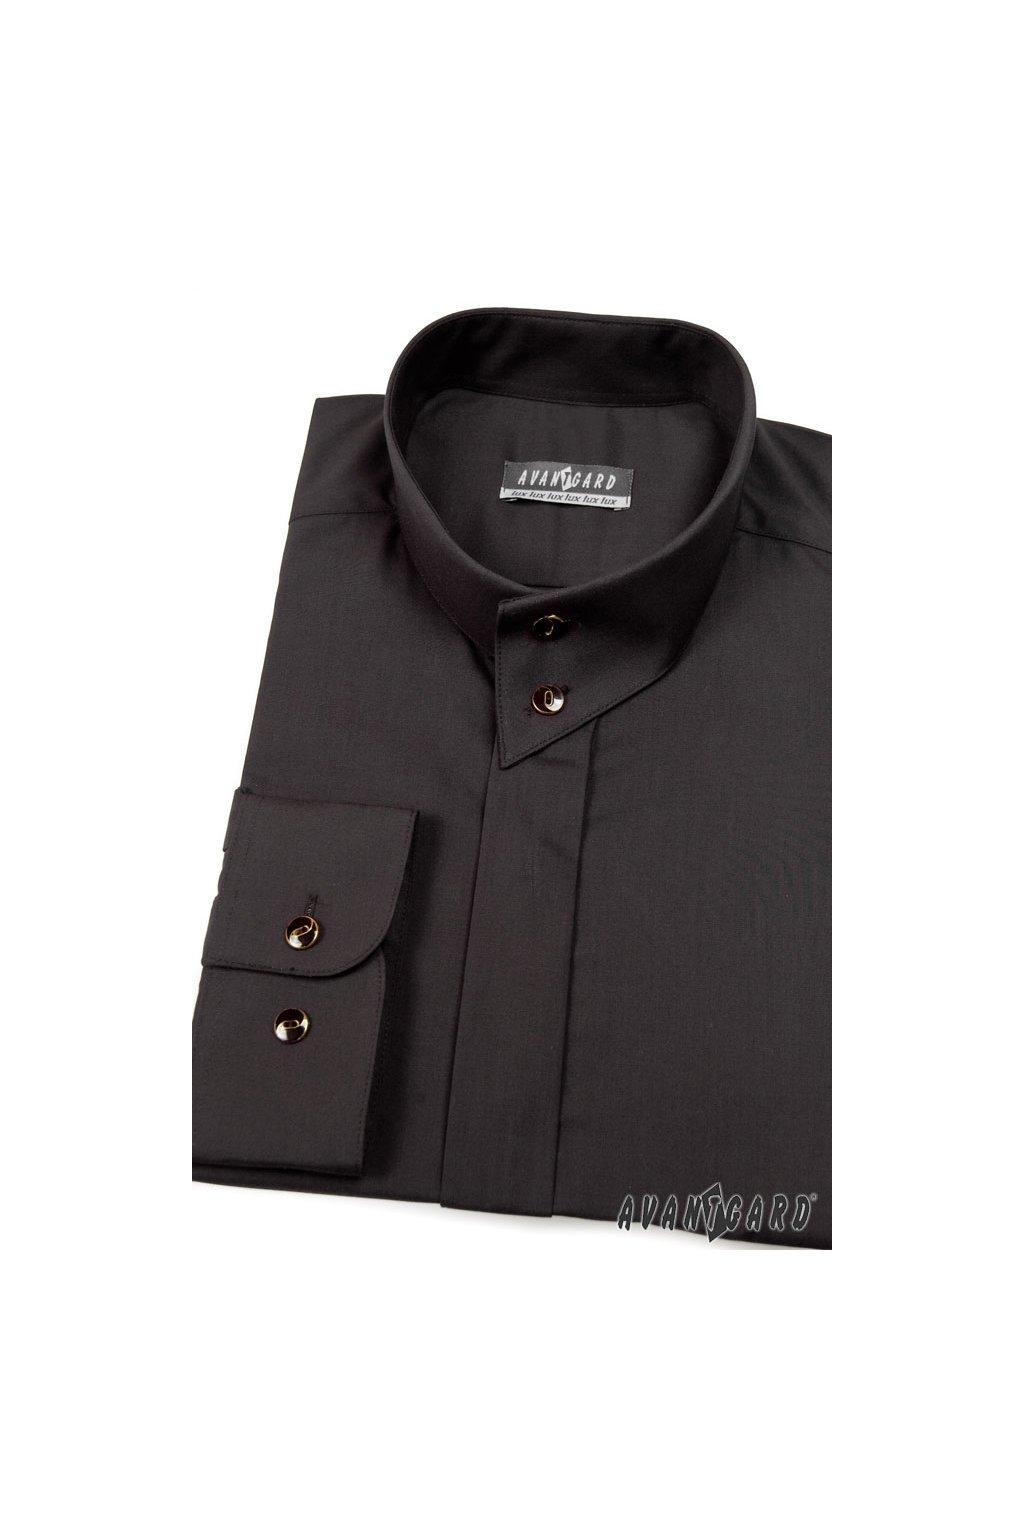 Pánská košile se stojáčkem na 2 knoflíky, dl.rukáv v23-černá 452 - 23